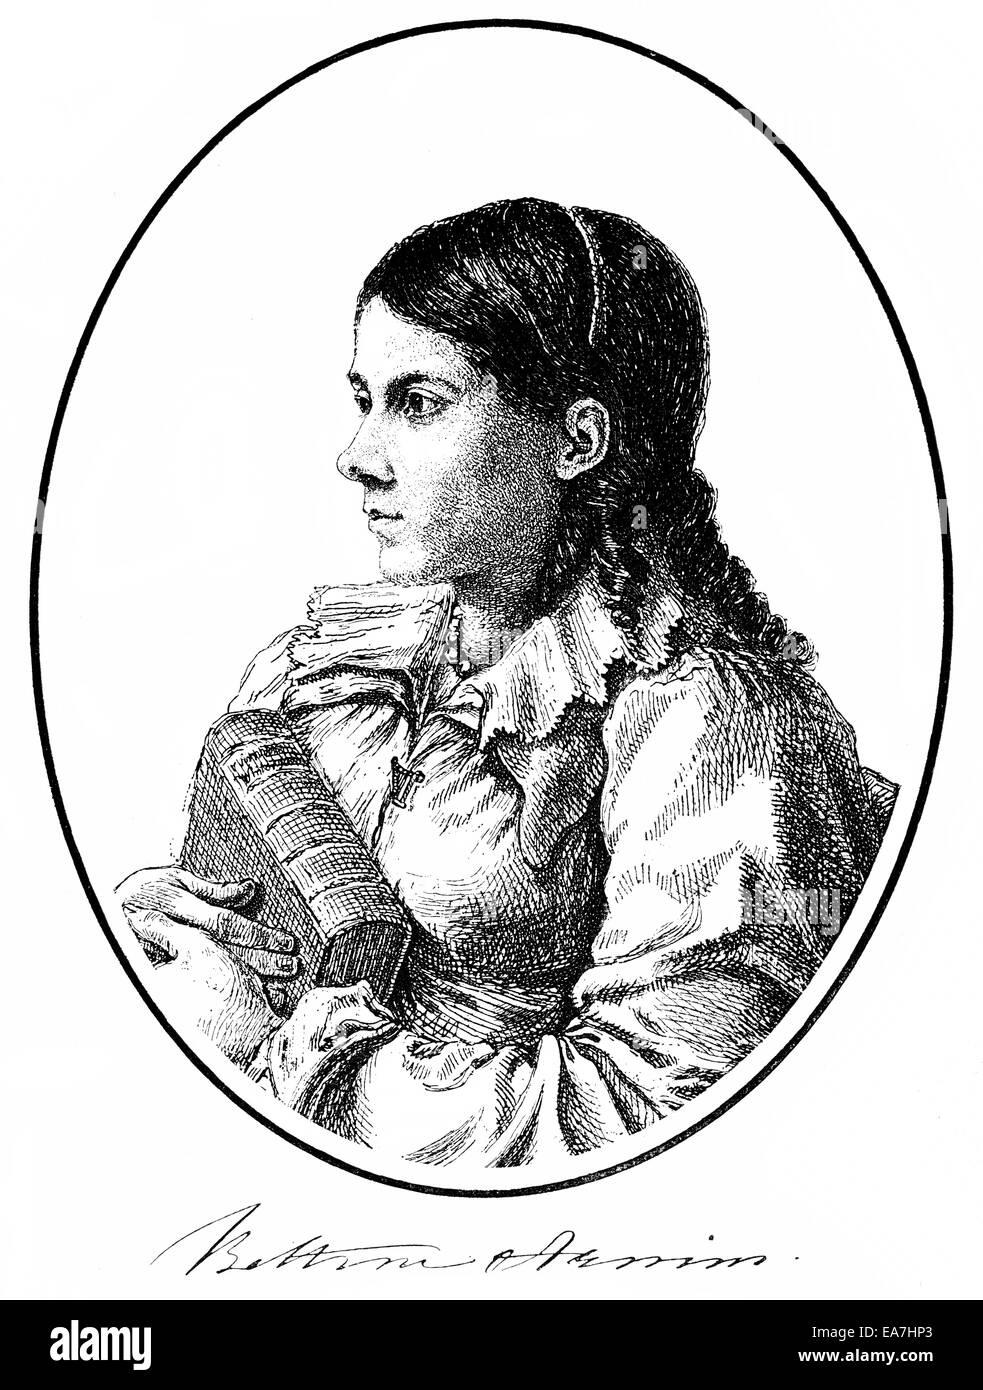 Bettina von Arnim, 1785-1859, deutscher Schriftsteller der deutschen Romantik, Porträt von Bettina von Arnim, Stockbild